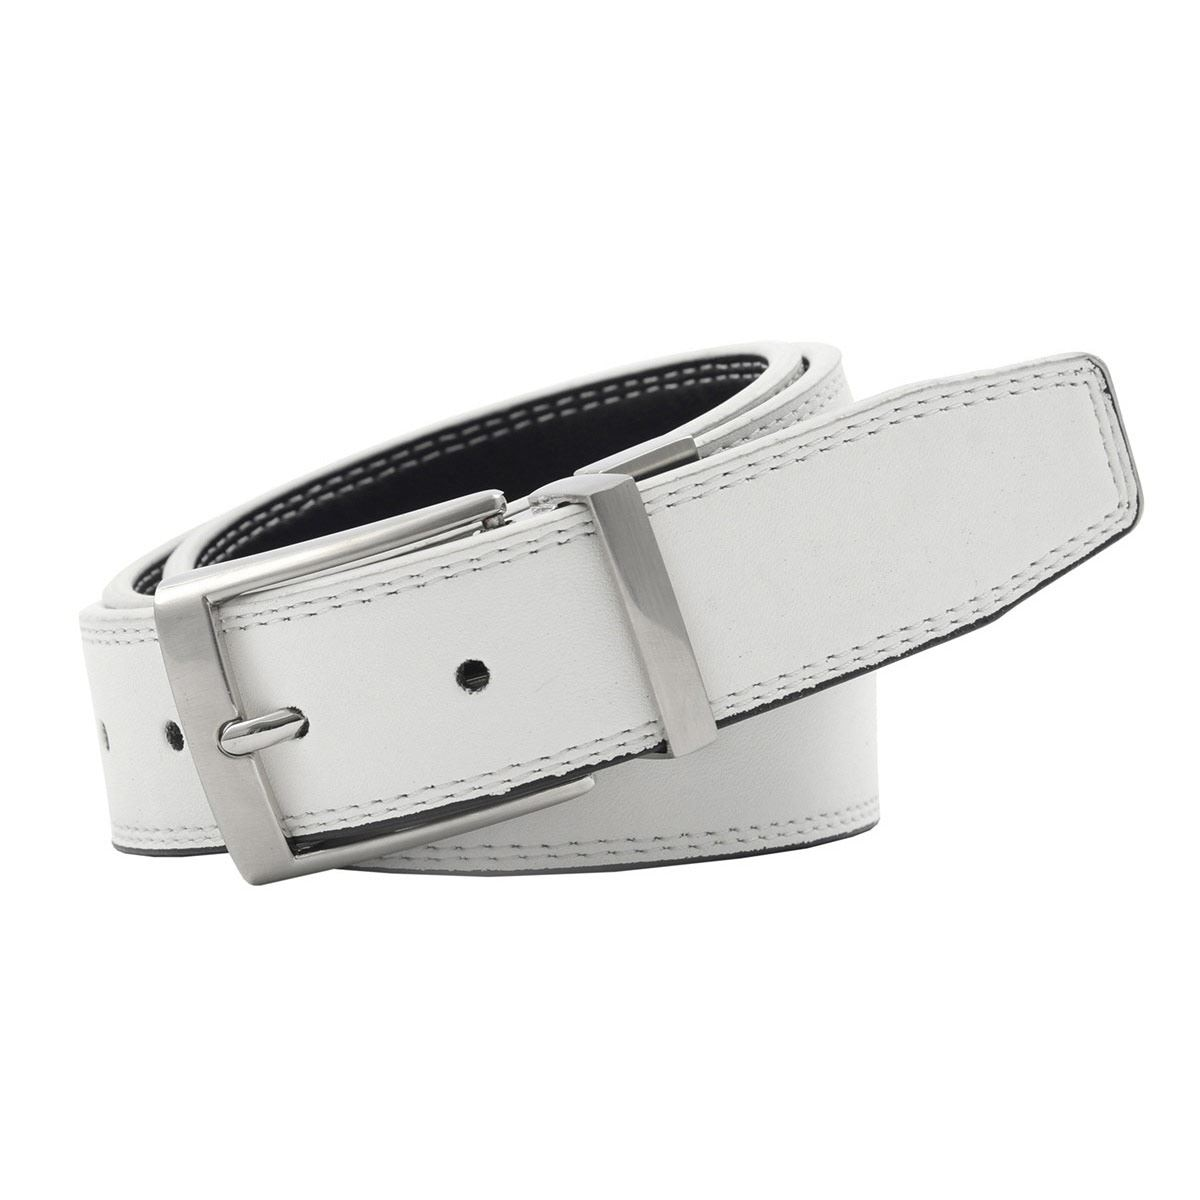 Cinturón Hickok Reversible 1117110 36-38